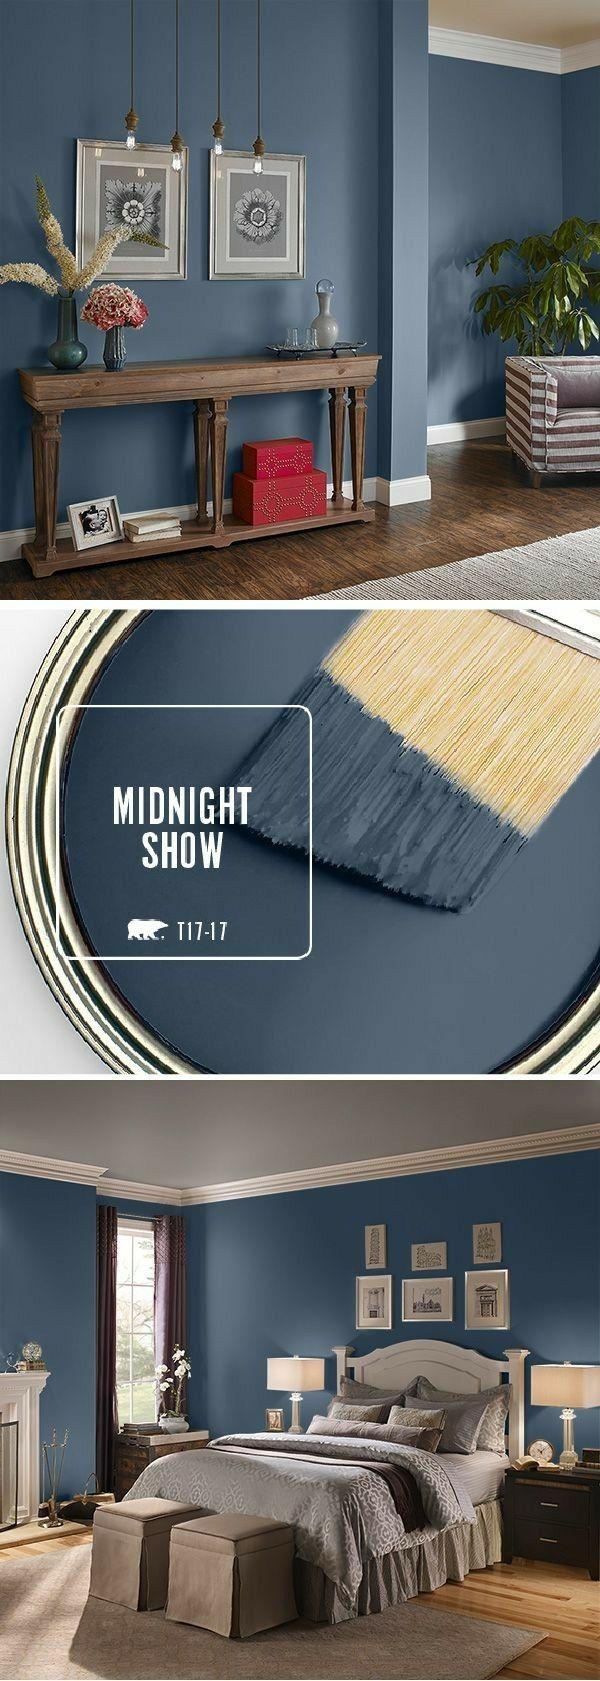 Farben des wohnraums 2018 for accent furniture  schlafzimmer in   pinterest  haus